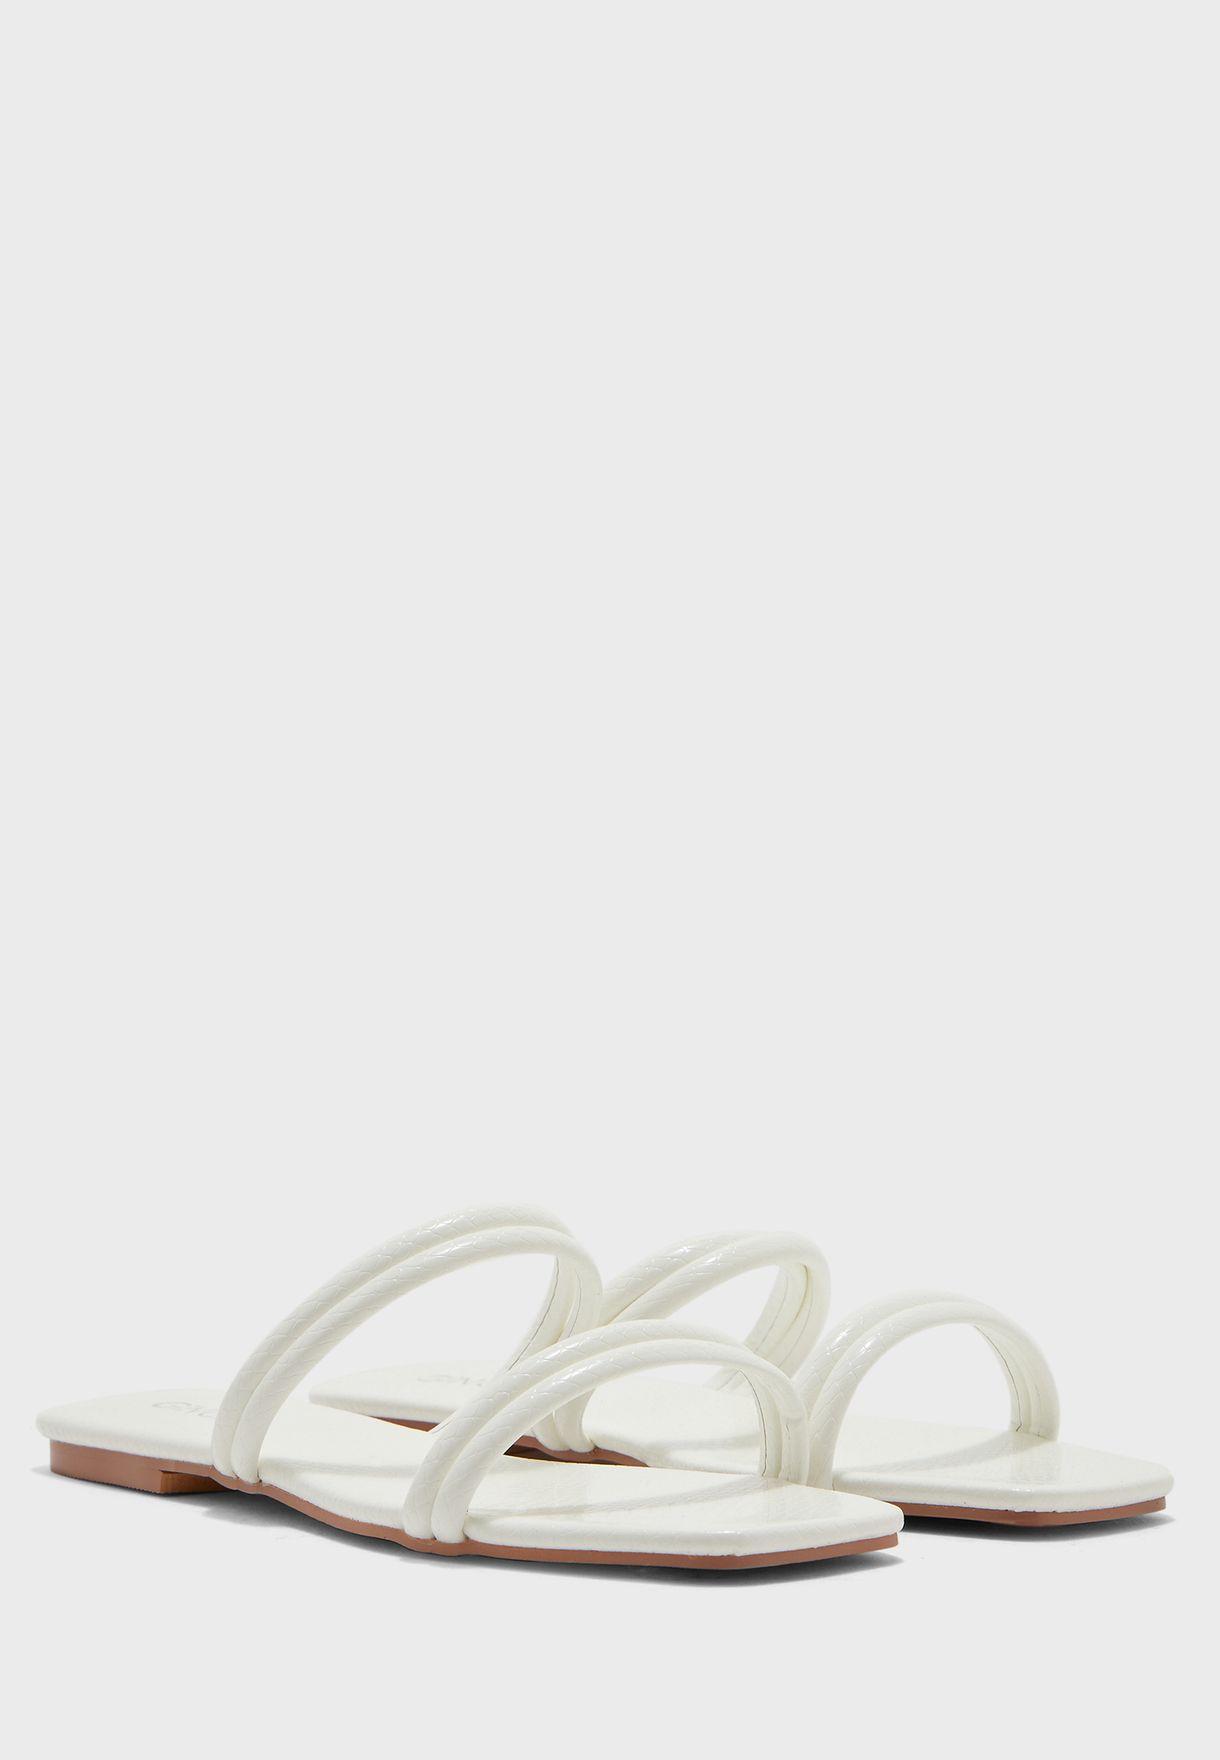 Square Toe Flat Sandals